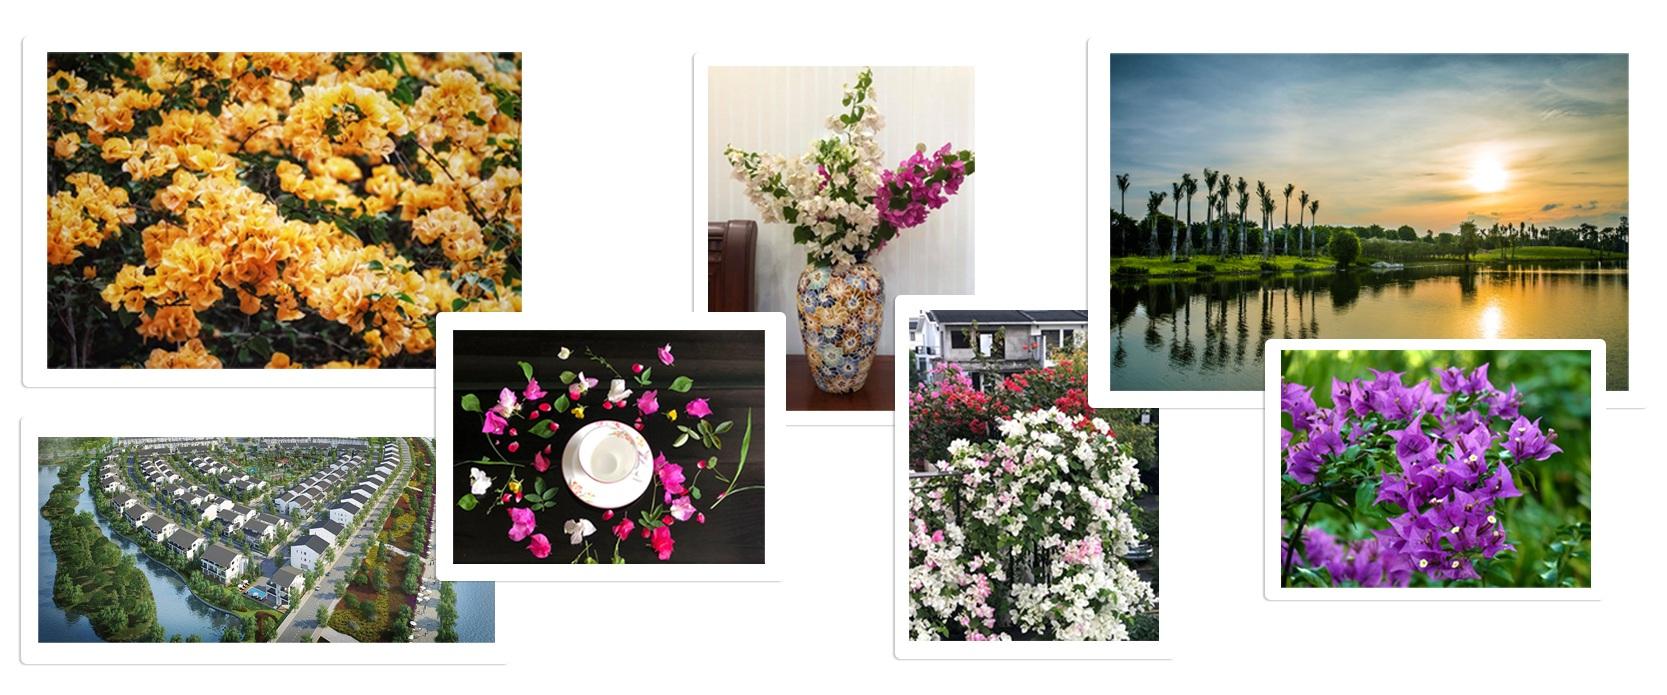 Ngắm thành phố xanh Ecopark đẹp mê mẩn trong mùa hoa giấy - 11